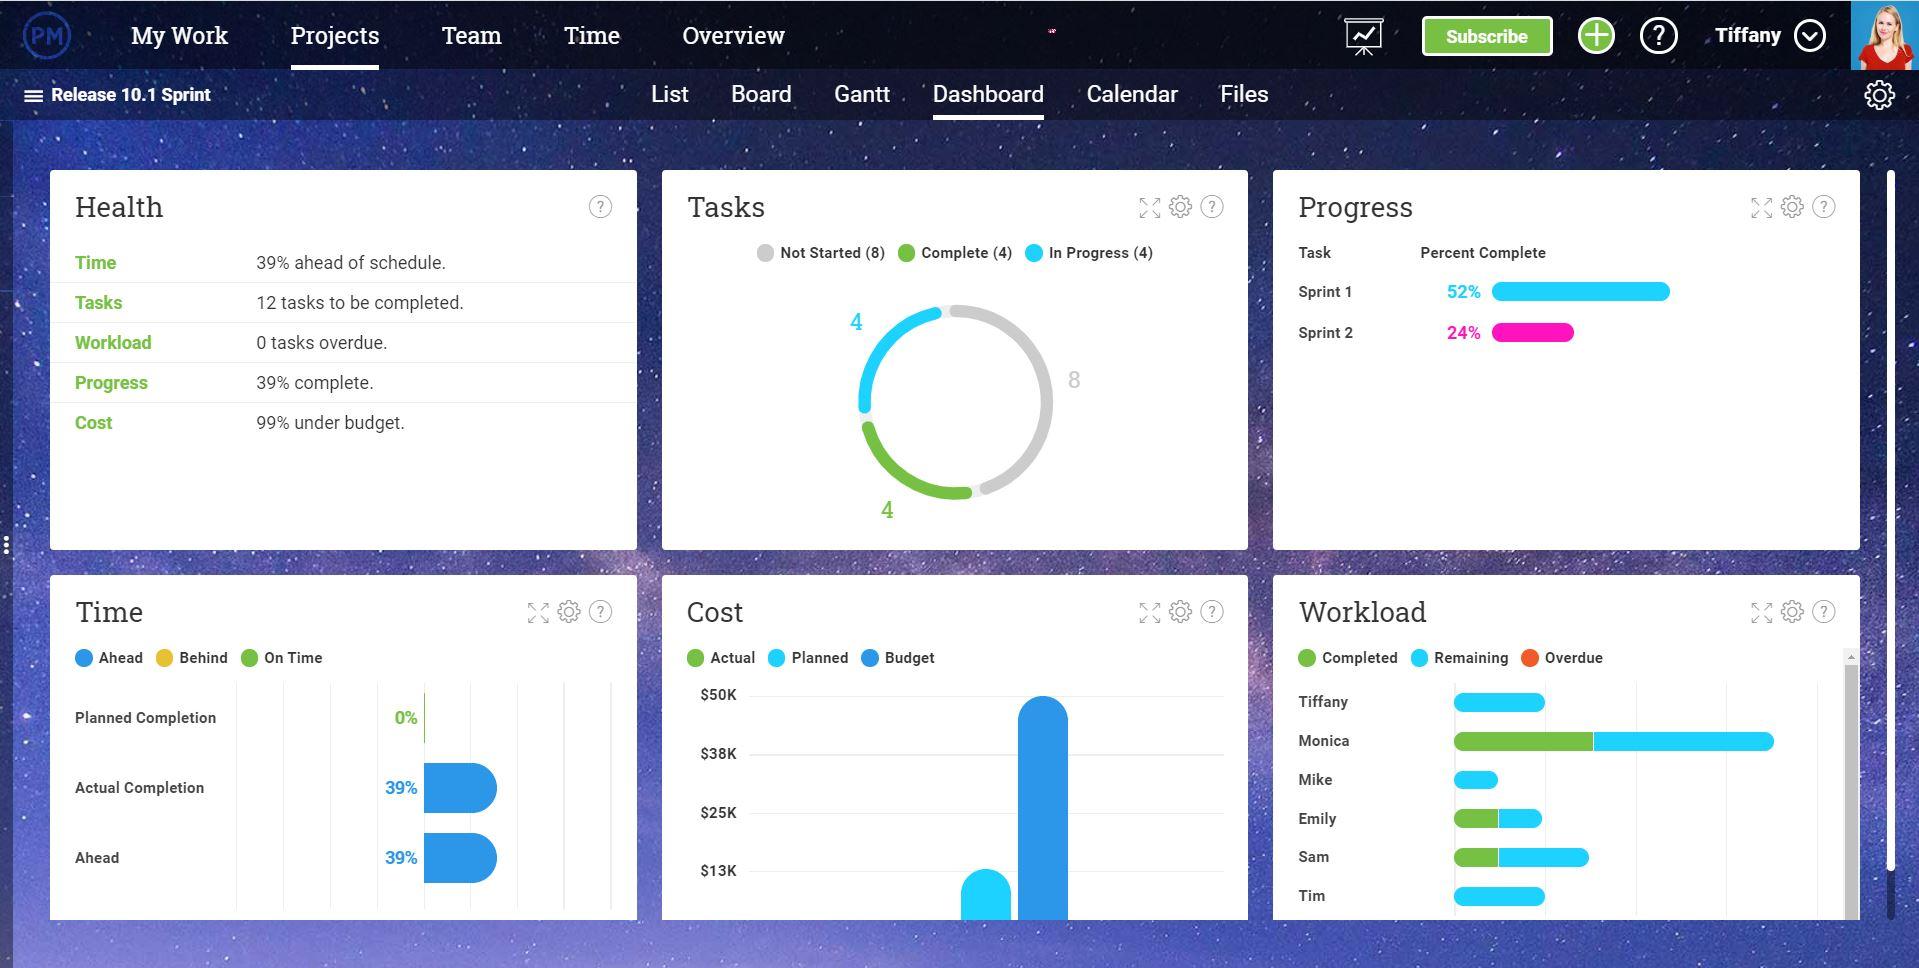 panel de control del proyecto en tiempo real que supervisa seis métricas del proyecto